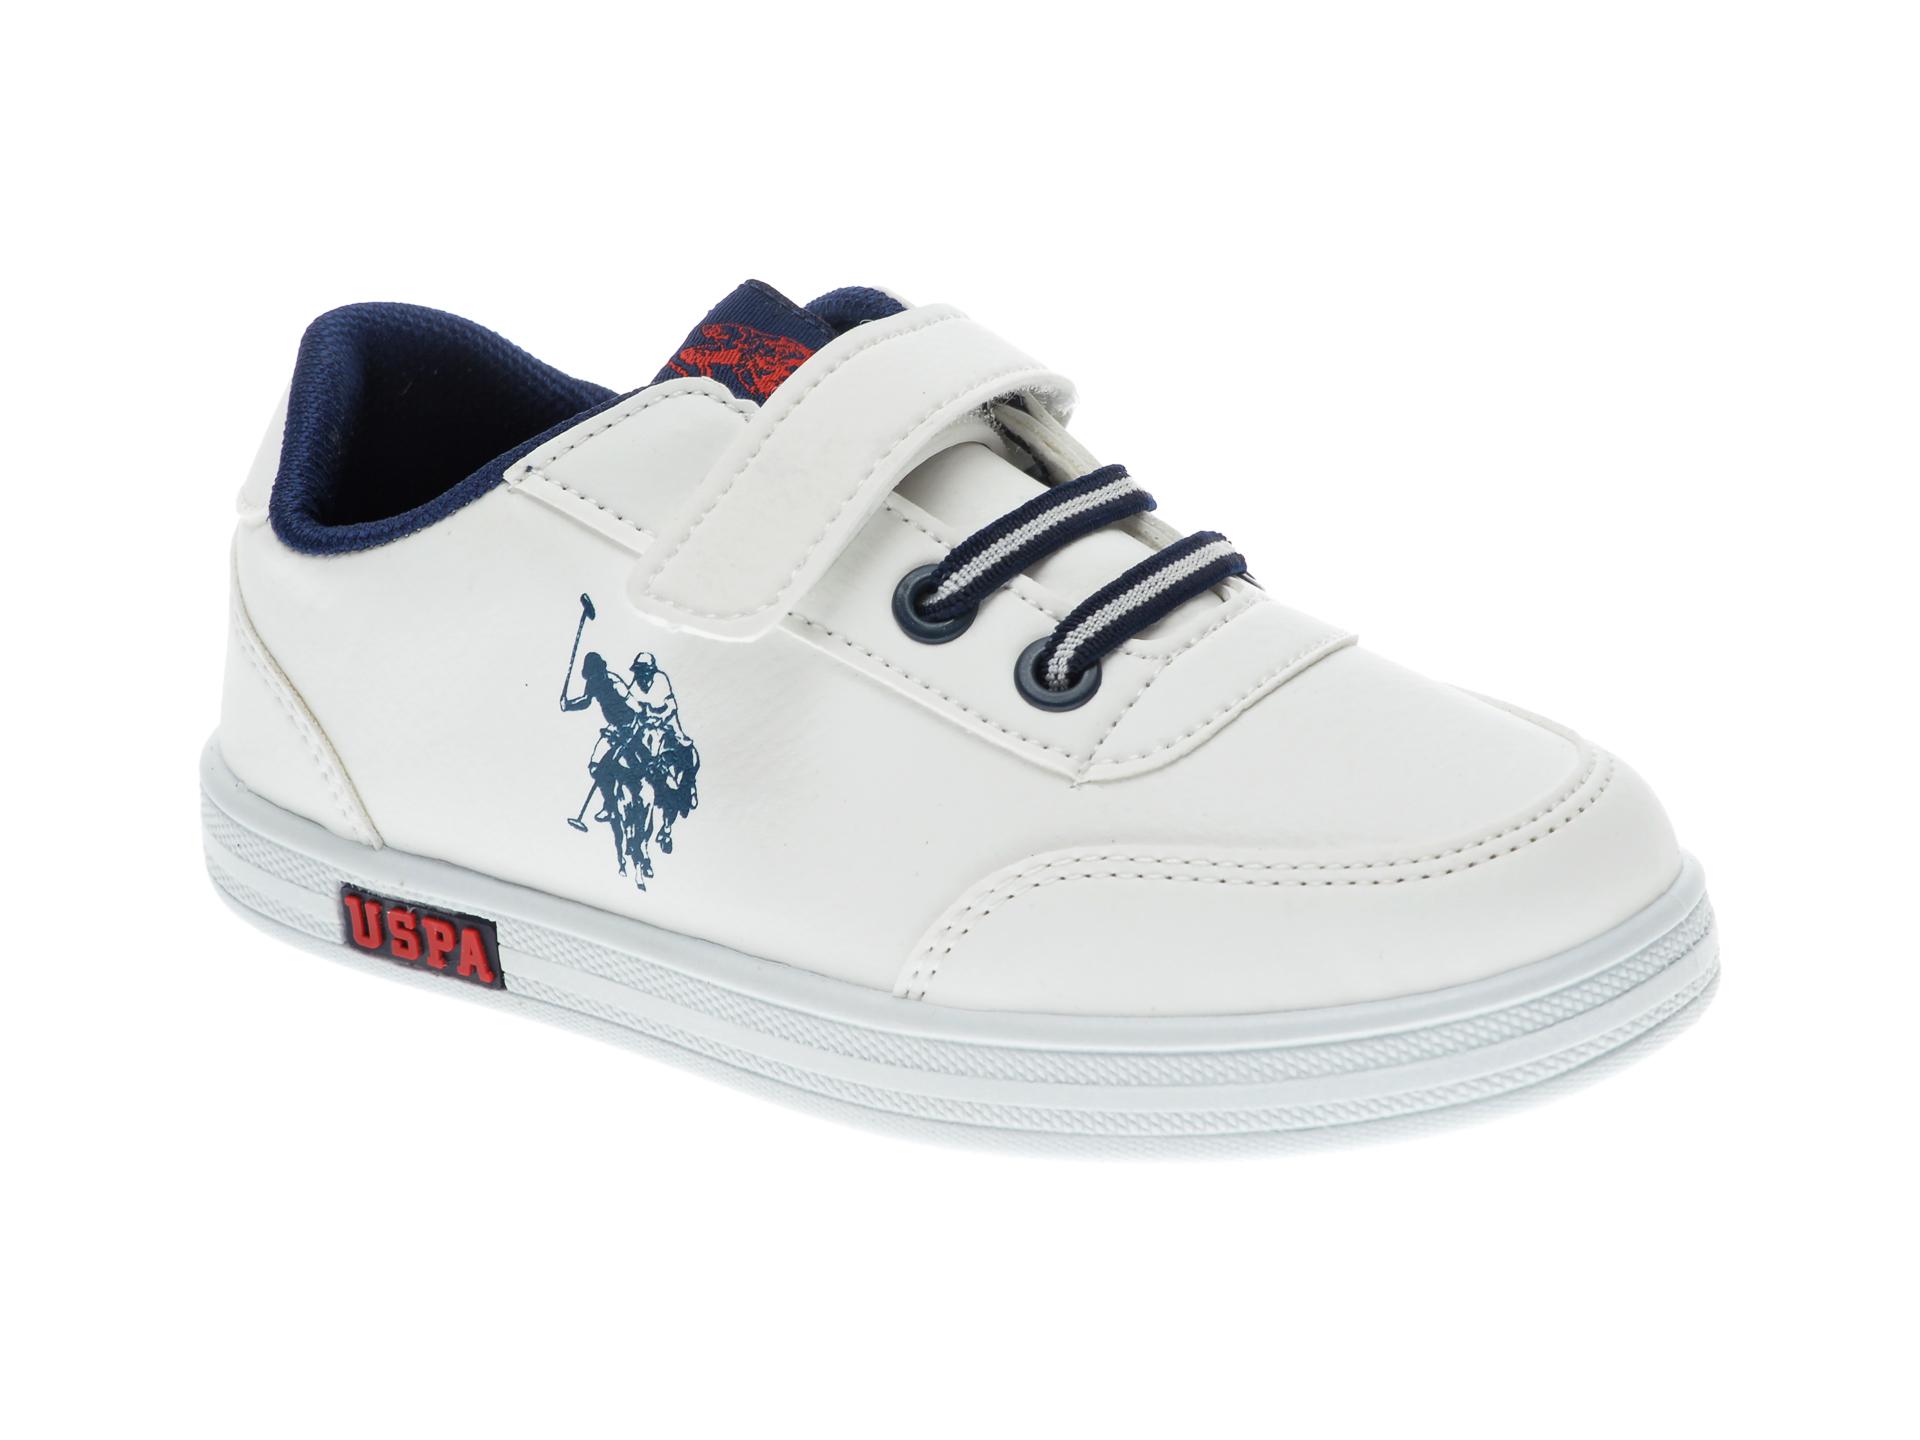 Pantofi sport US POLO ASSN albi, 429454, din piele ecologica imagine